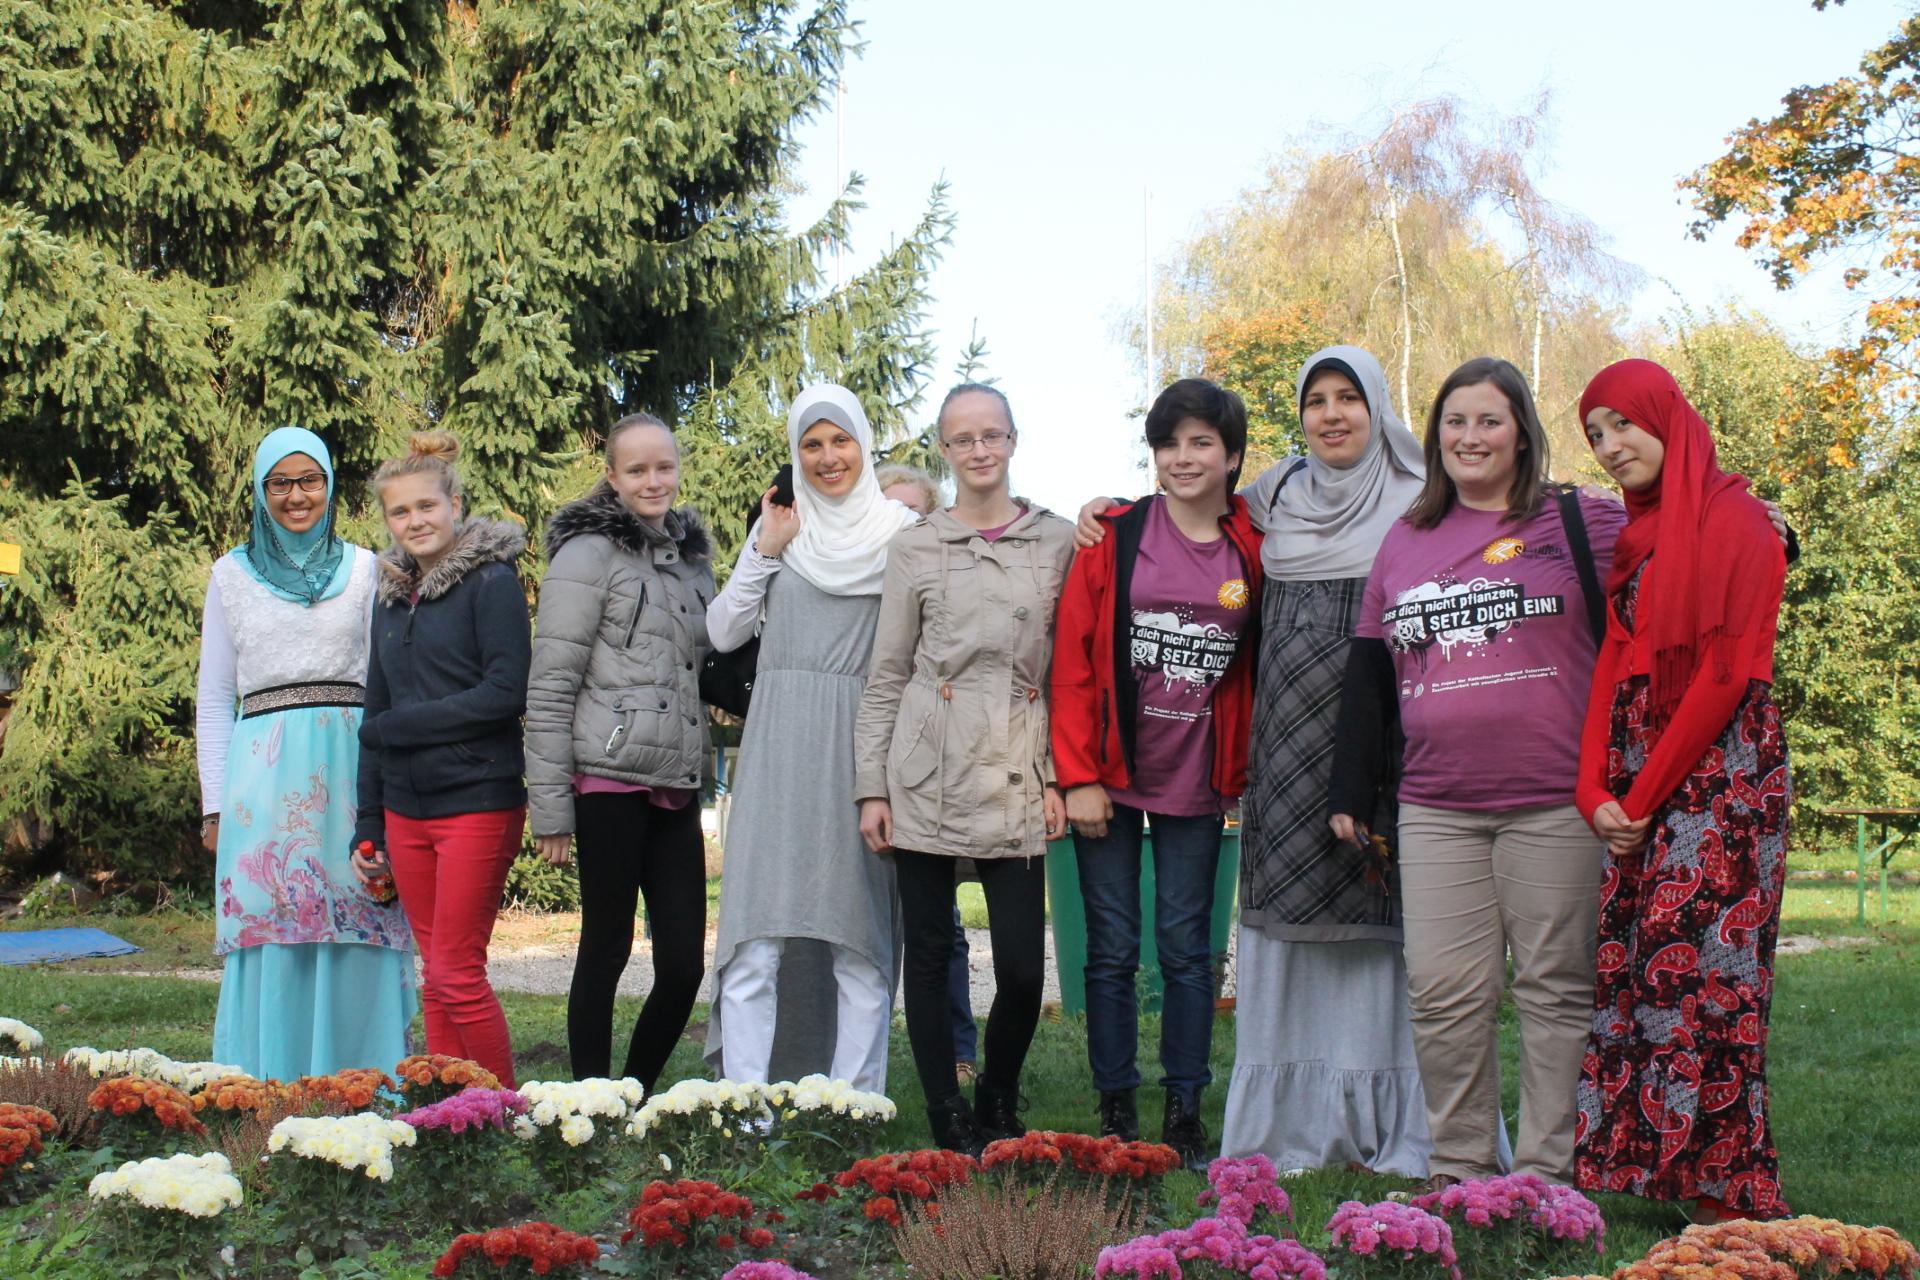 Katholische Jugend mit muslimischen Jugendlichen aus dem IFZ